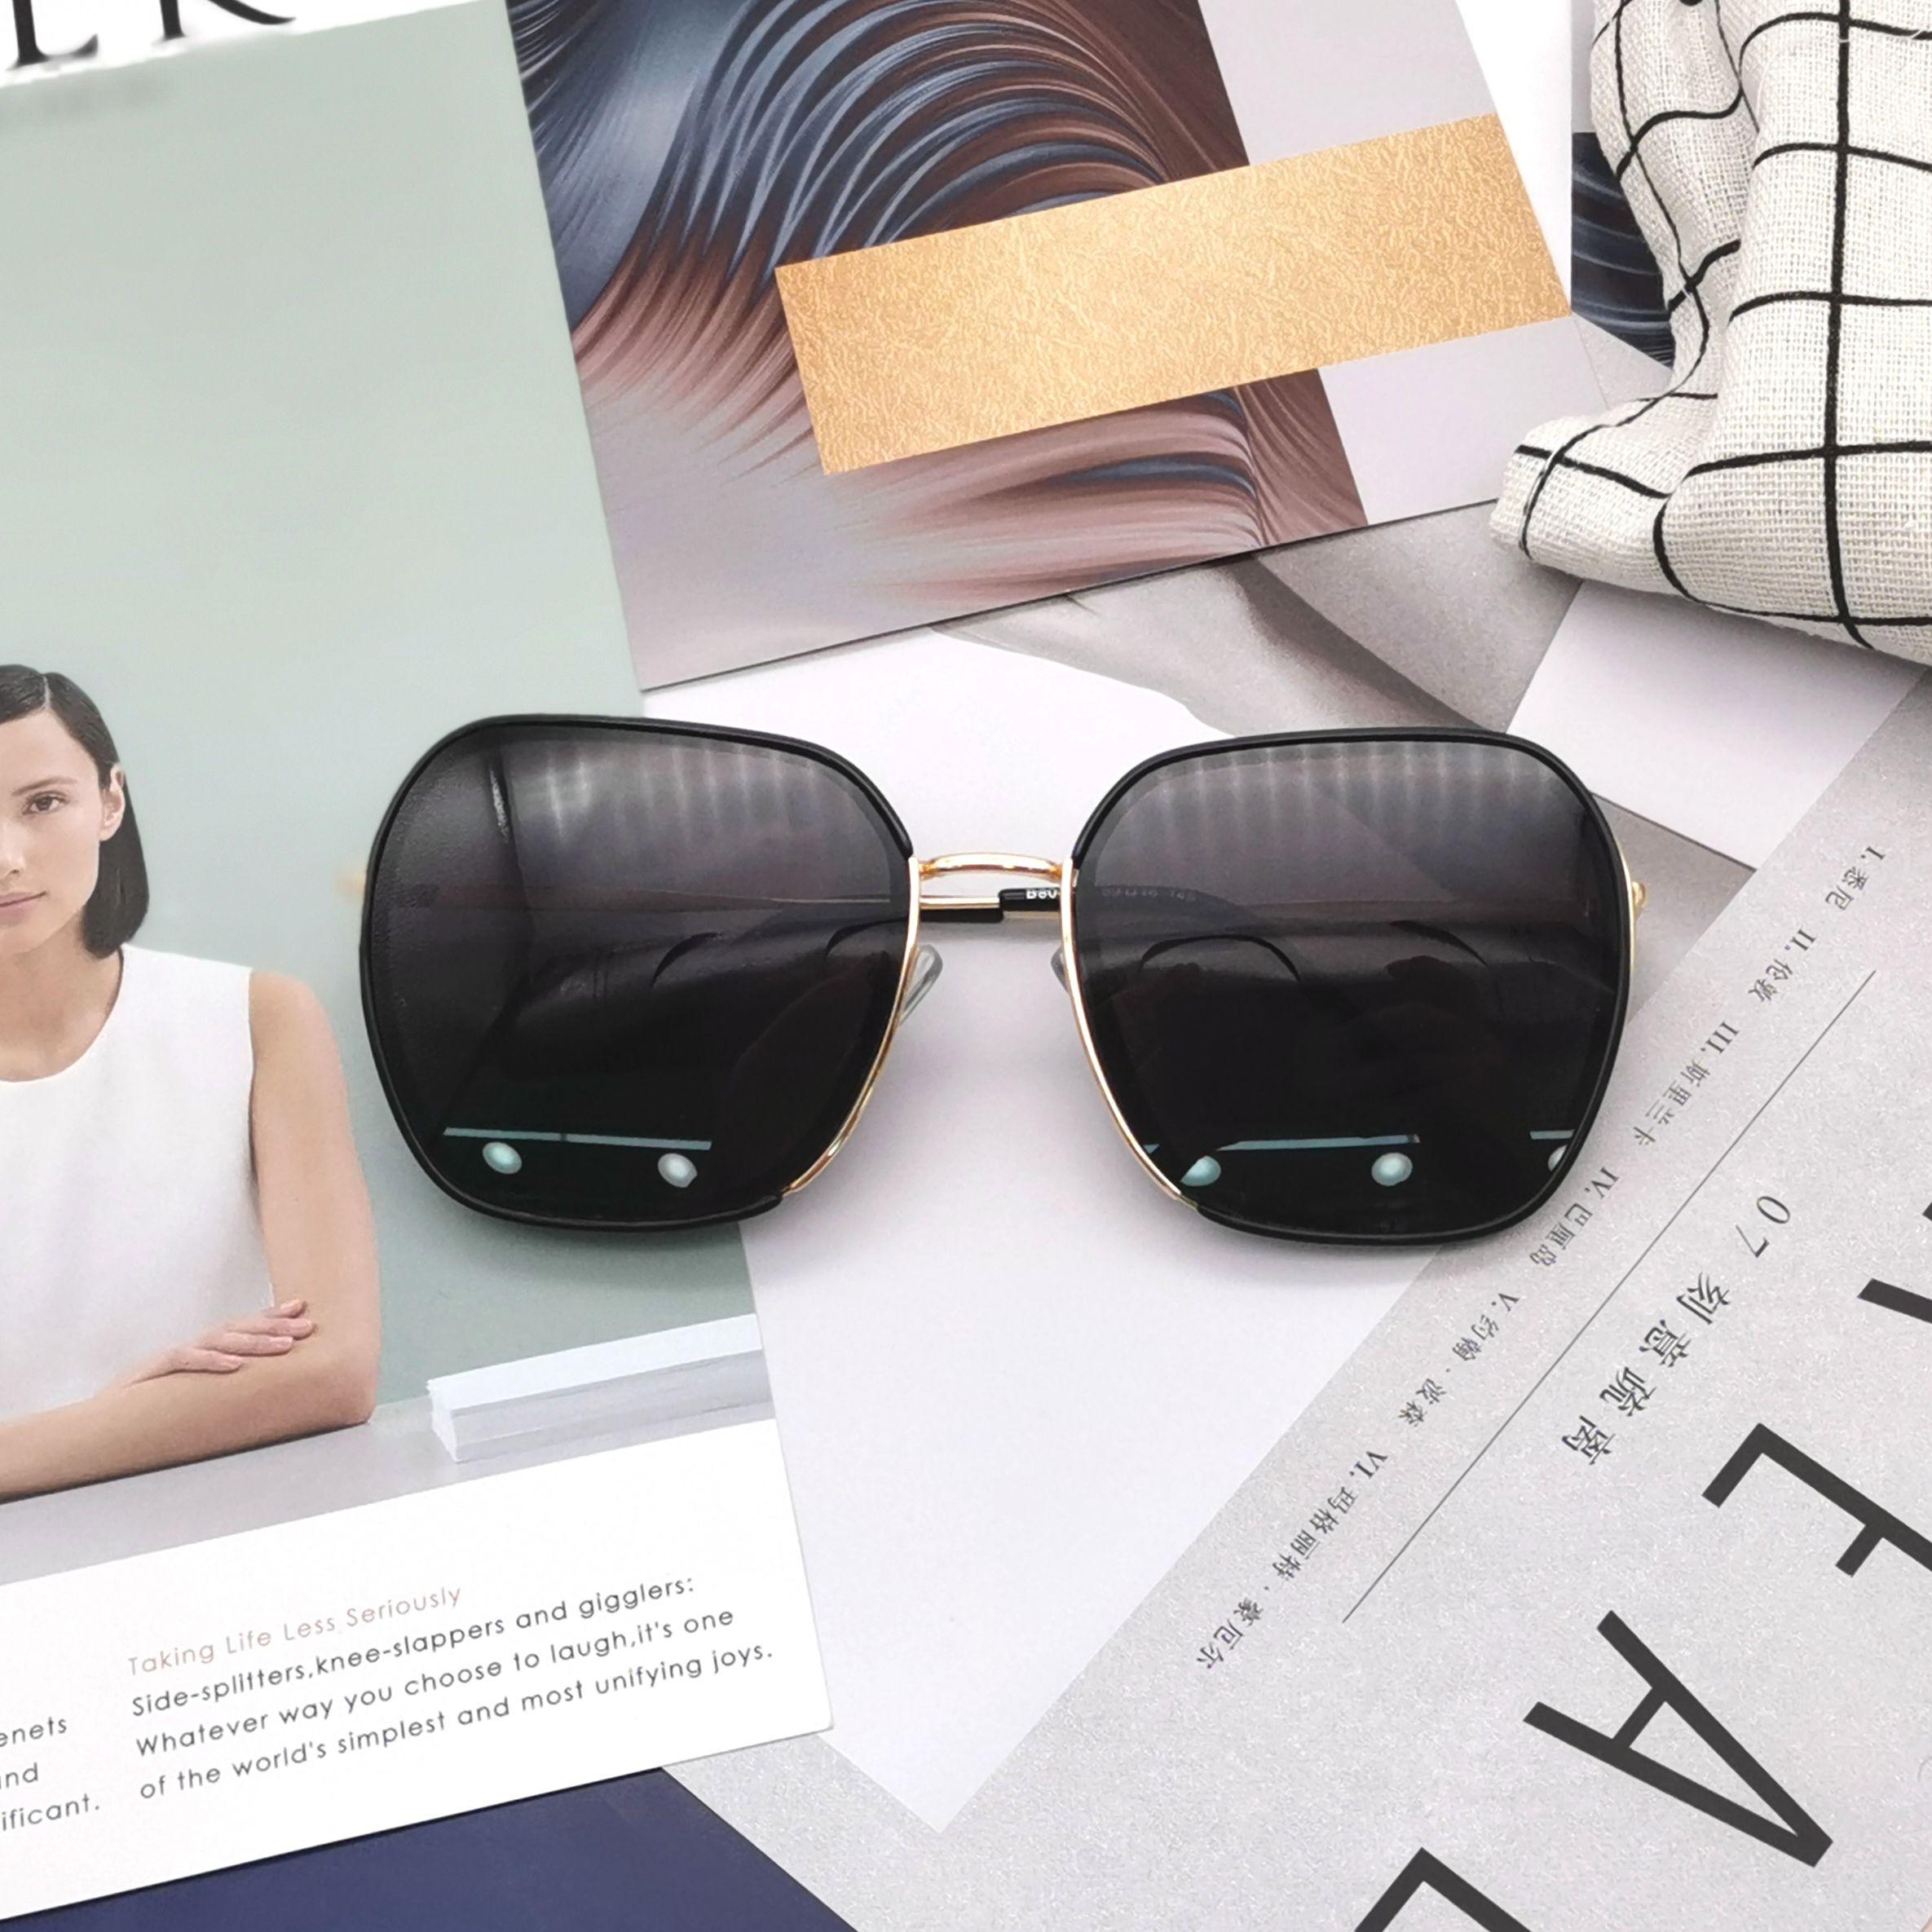 明星同款欧美风潮流时尚文艺方框太阳镜ins风遮阳眼镜男女同款